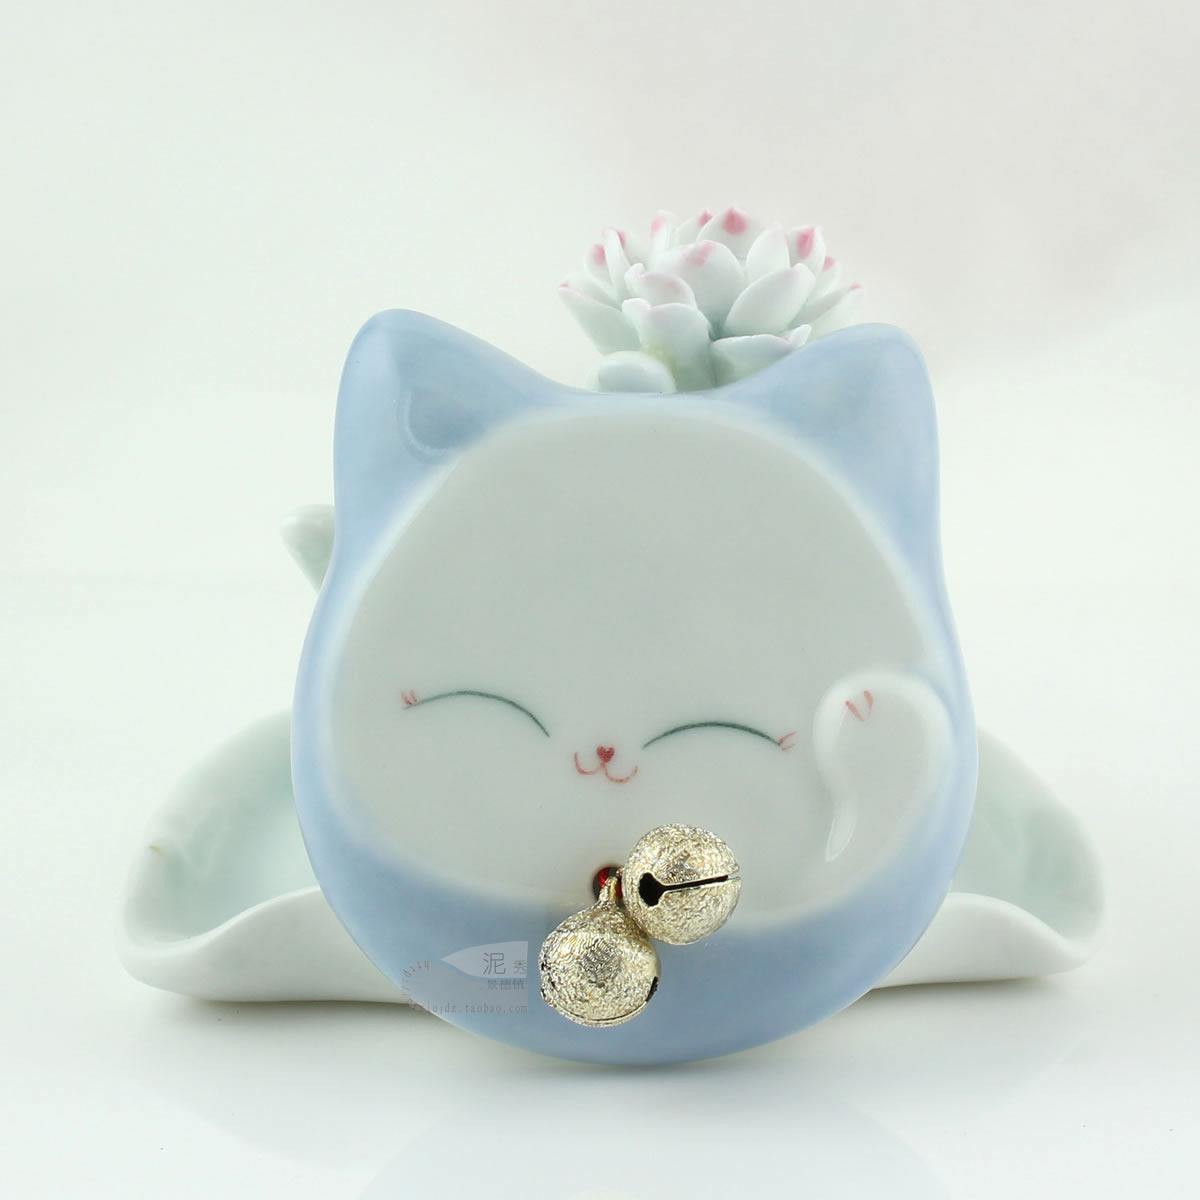 Blue small carry mirror original design ceramic handmade red cat portable makeup mirror folding dressing(China (Mainland))